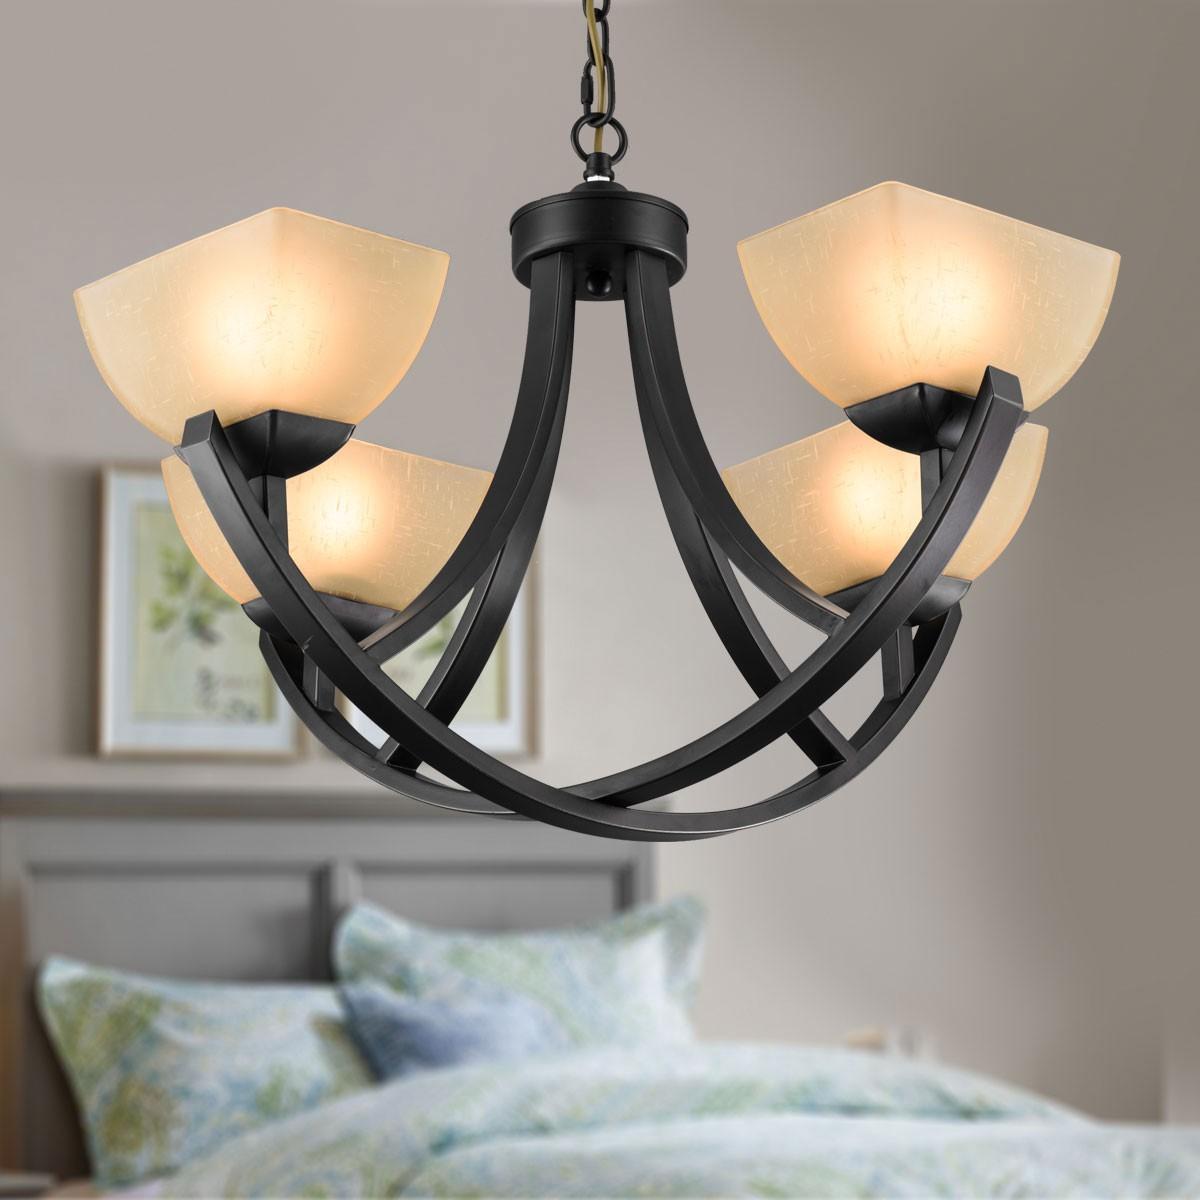 lustre en fer forg avec abat jour en verre 4 ampoules noir dk 8016 4 decoraport canada. Black Bedroom Furniture Sets. Home Design Ideas